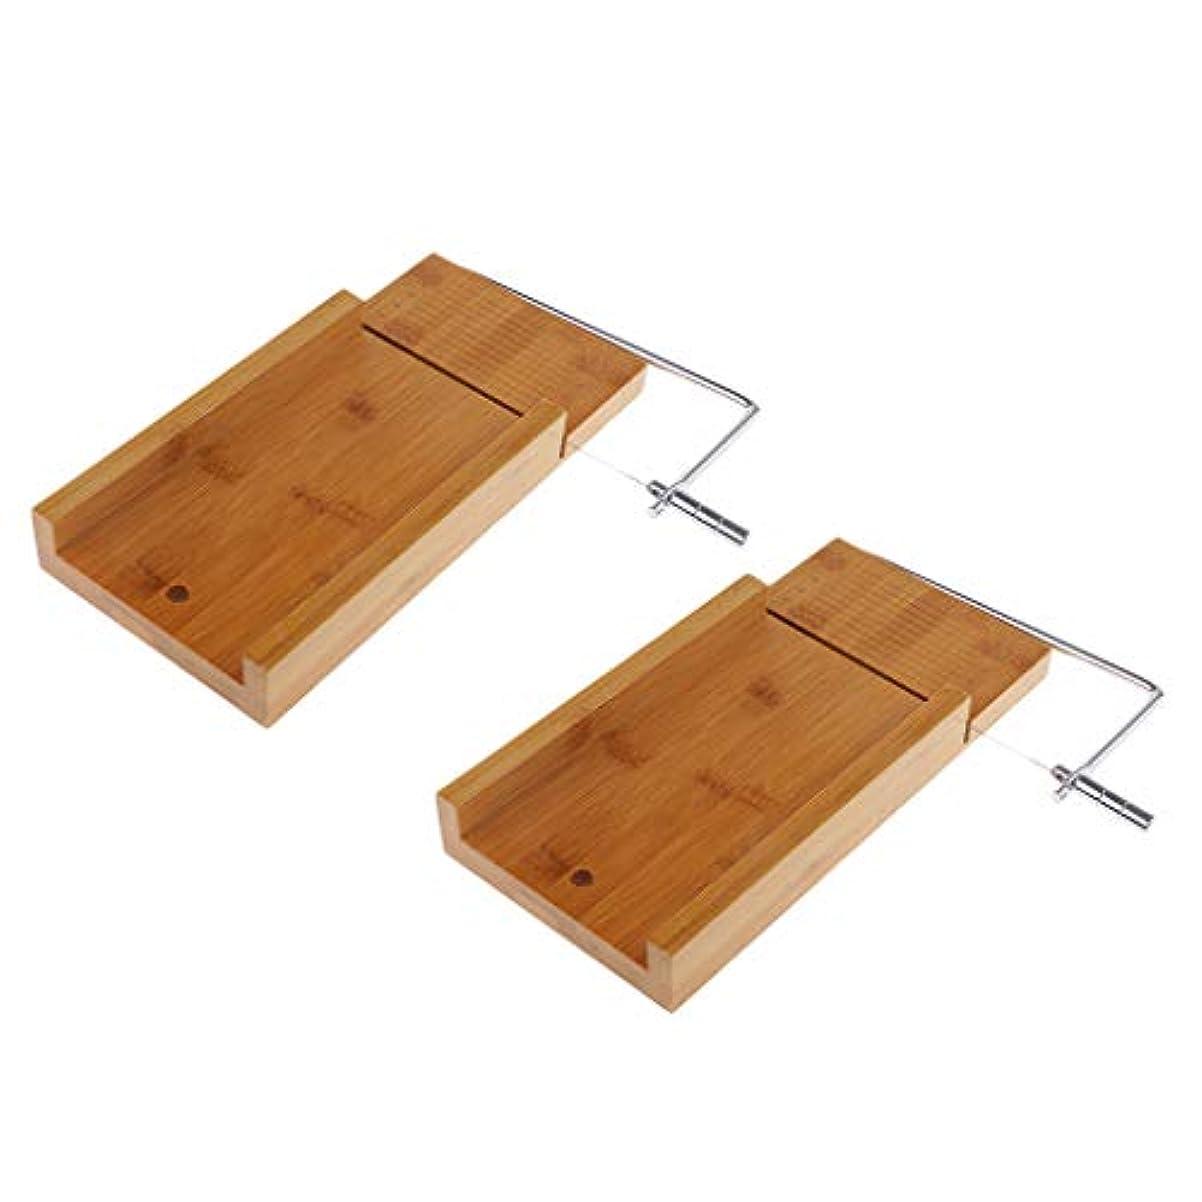 のれん認知万一に備えてD DOLITY ソープカッター 台 木質 チーズナイフ せっけんカッター ワイヤー ソープスライサー 2個入り